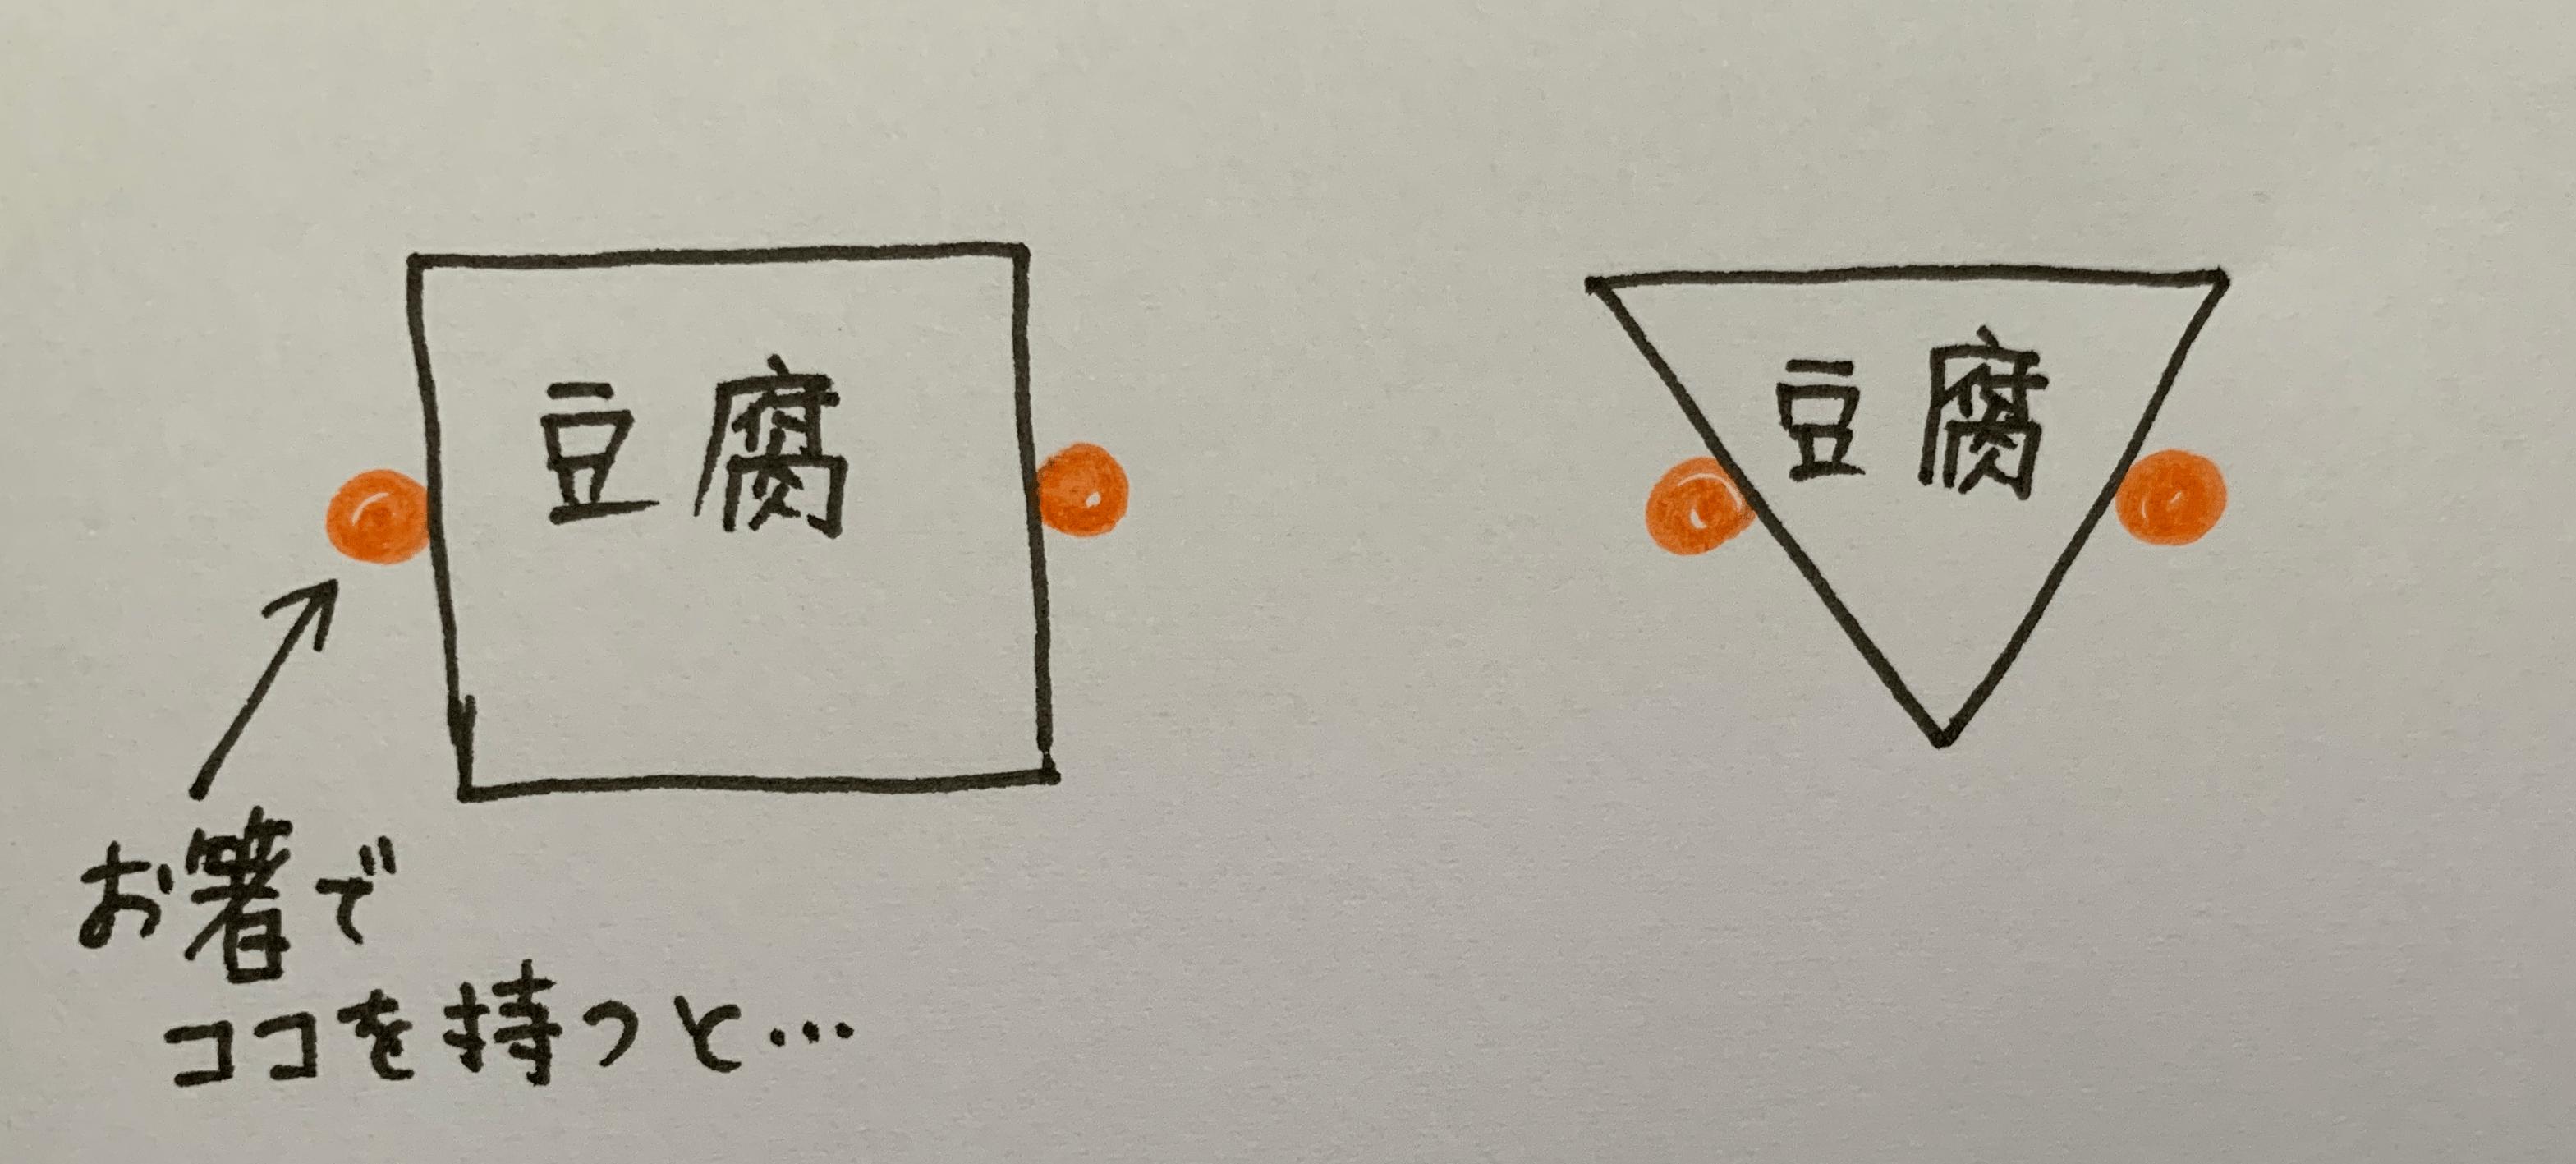 豆腐は三角に切ると崩れにくい